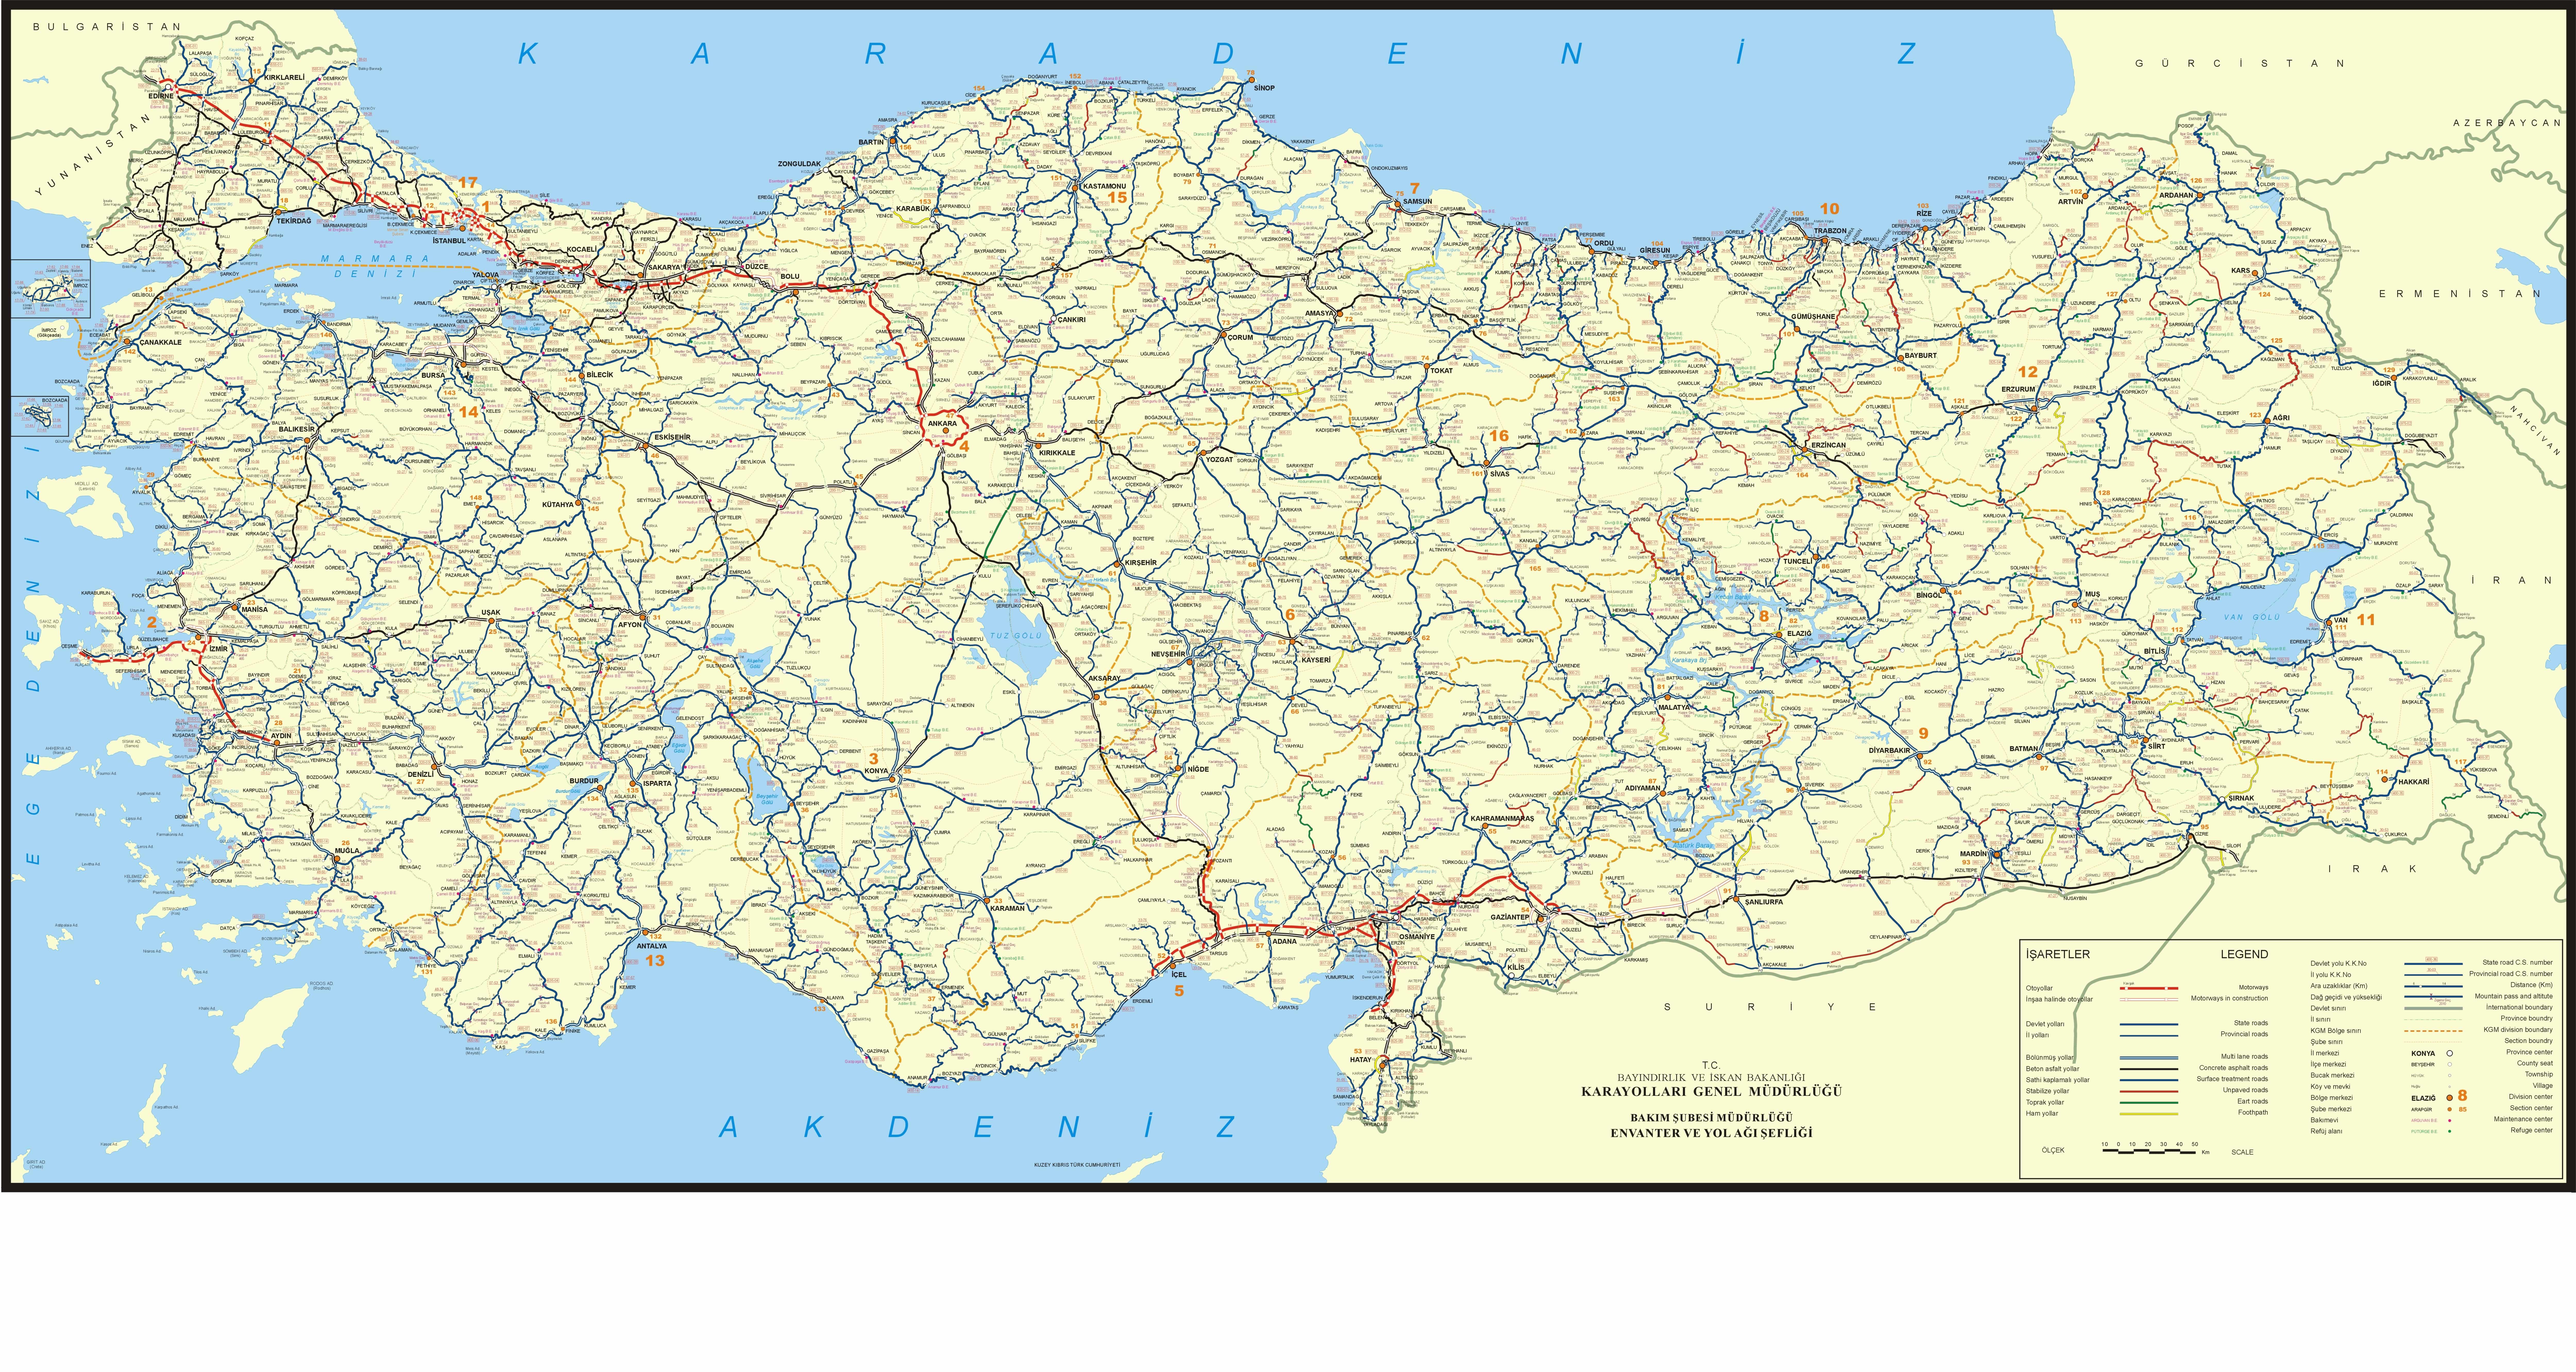 الخريطة السياحية لتركيا بالعربي - خريطة تركيا    الخريطة السياحية لتركيا بالعربي -